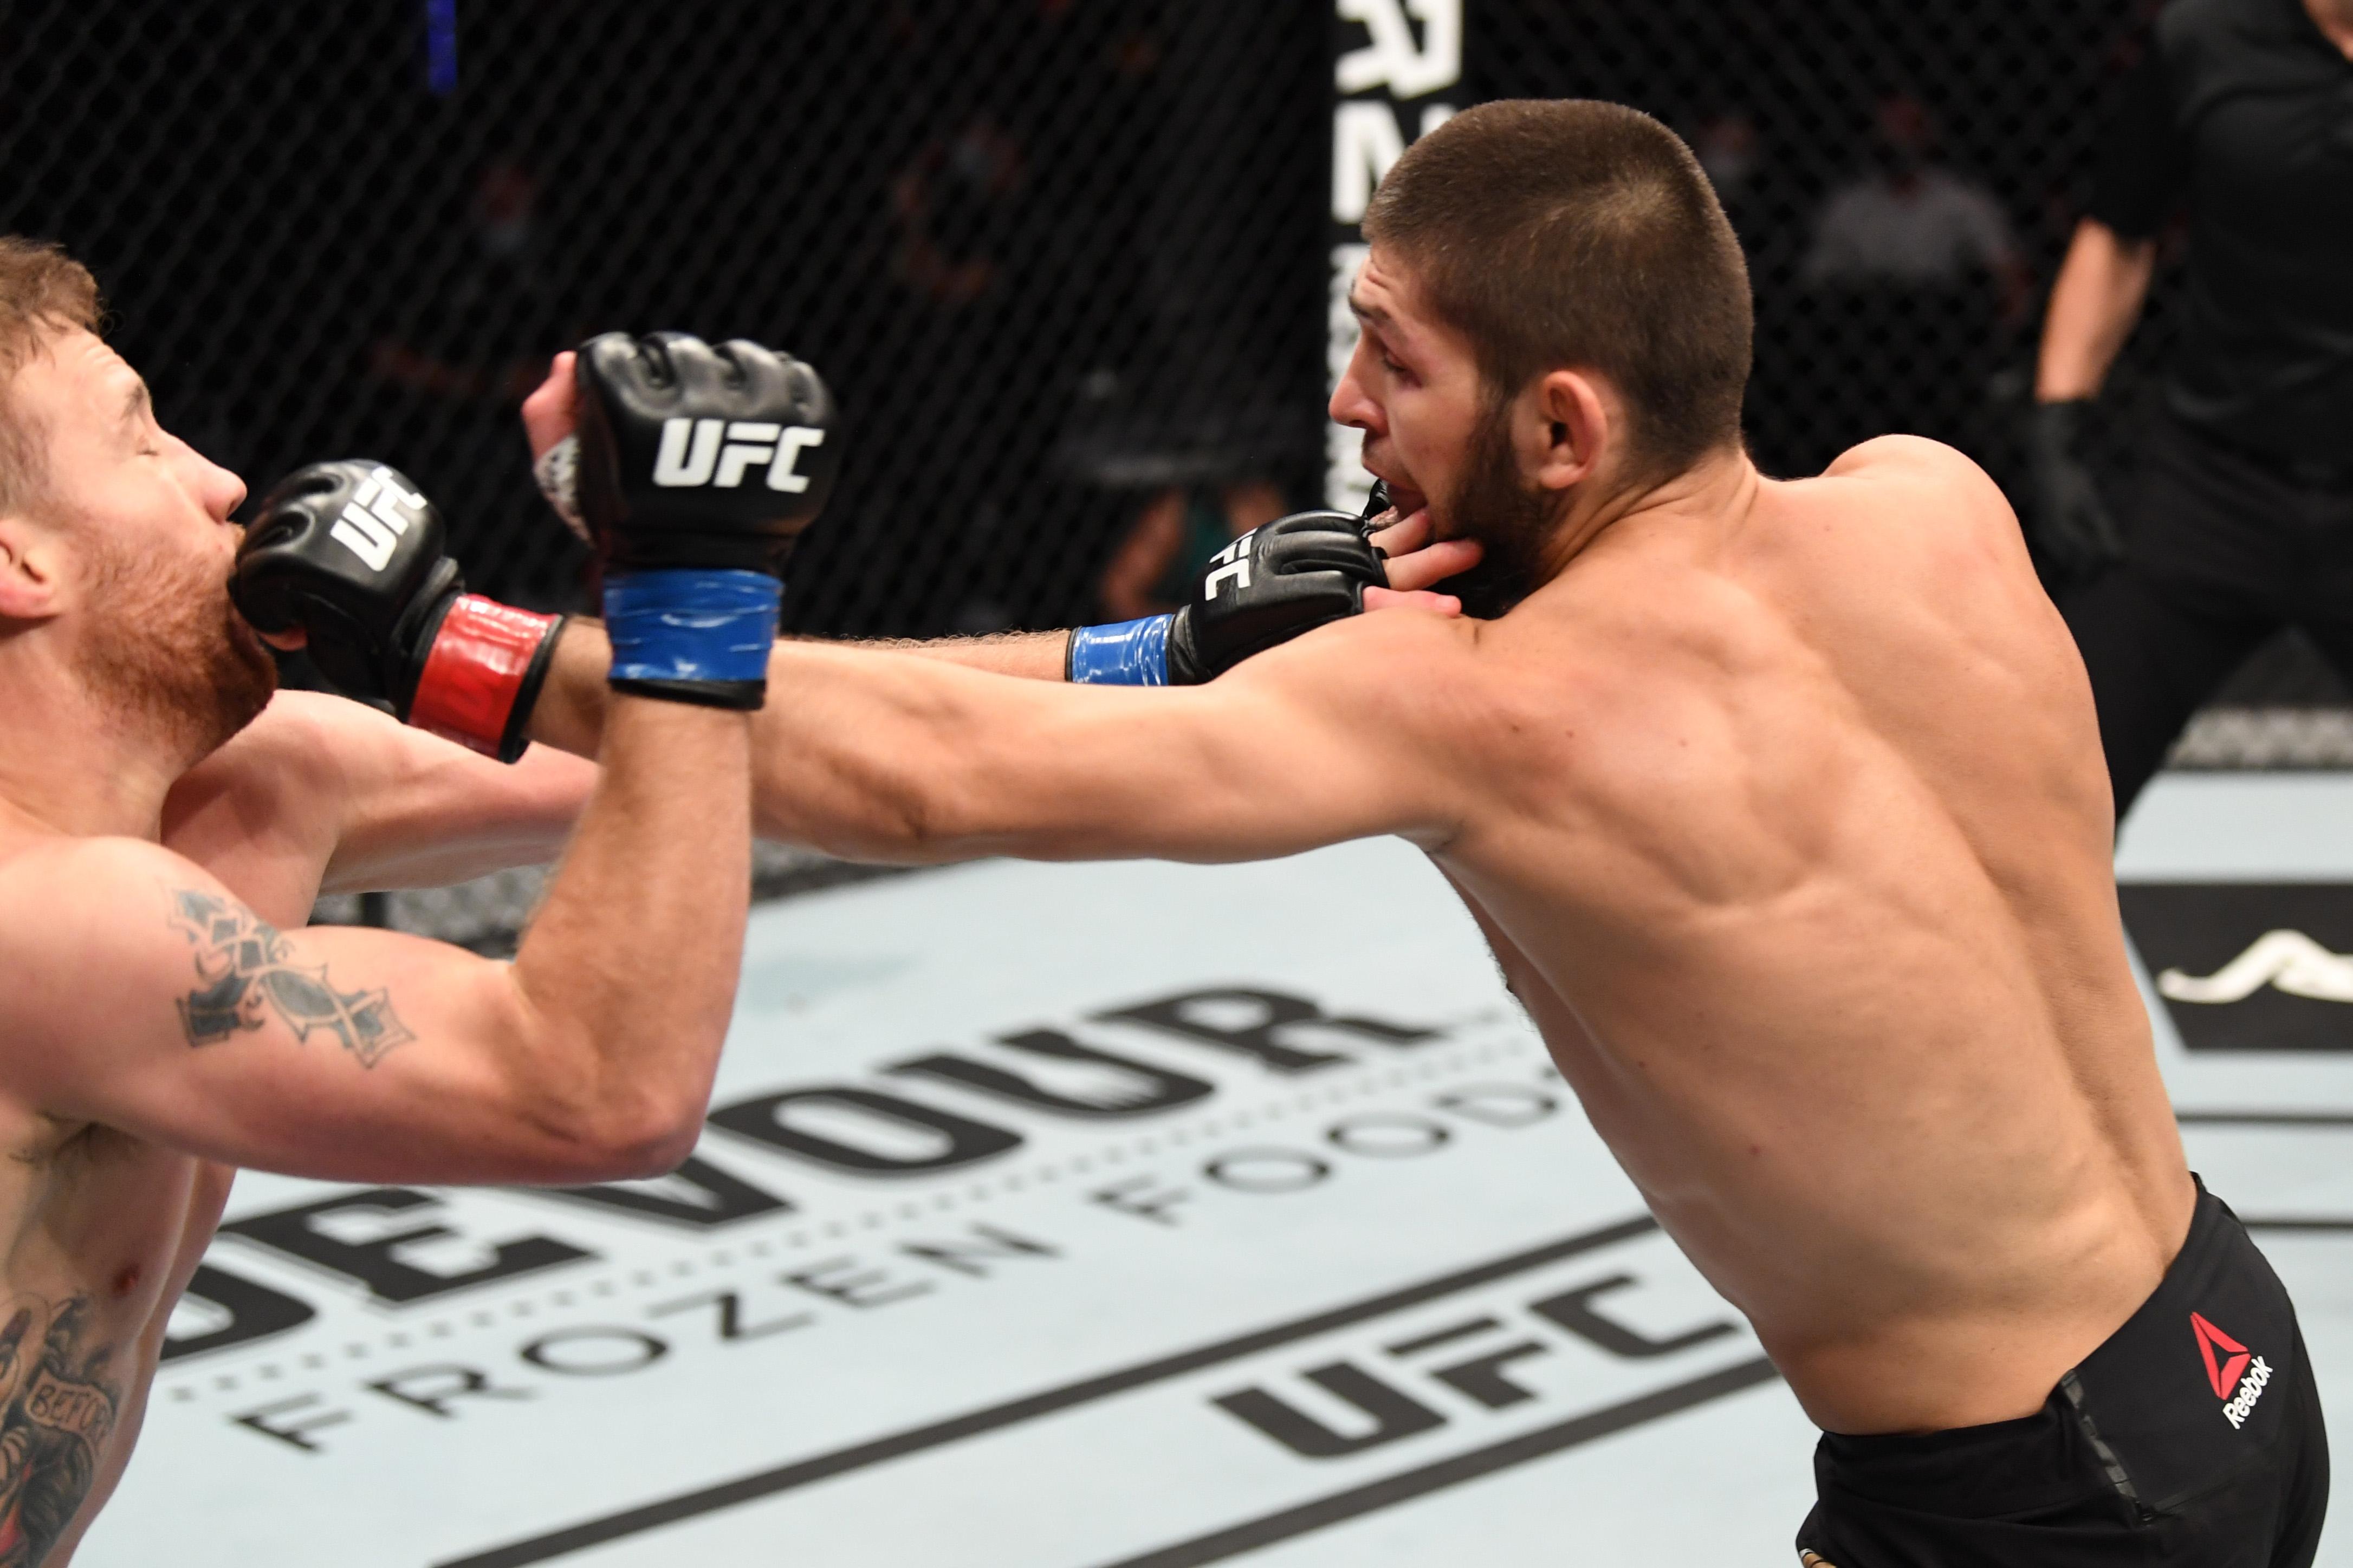 Любопитен факт беше разкрит след снощната голяма галавечер UFC 254.